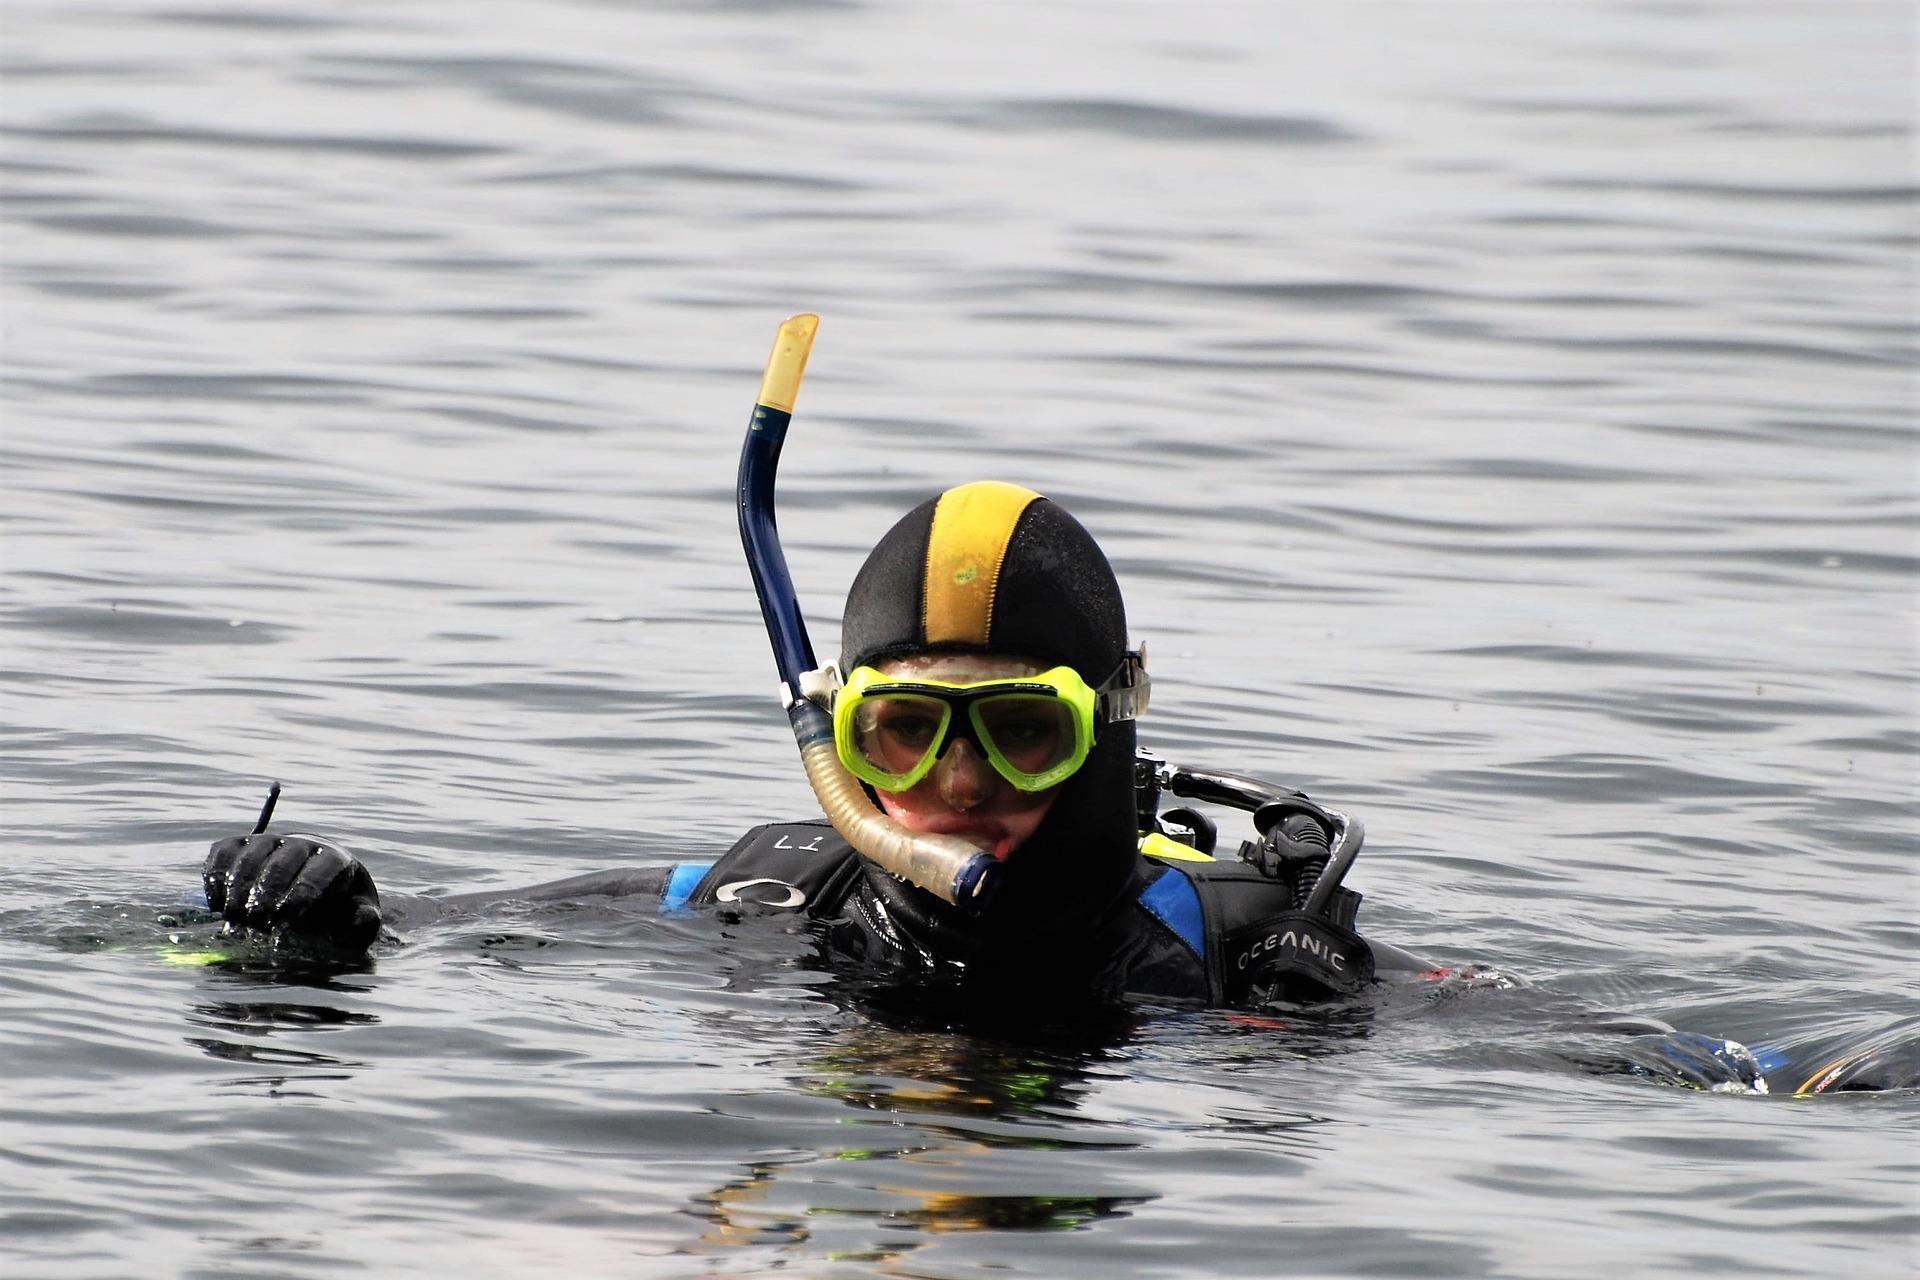 Schnorchel mit Ventil im Meer tauchen